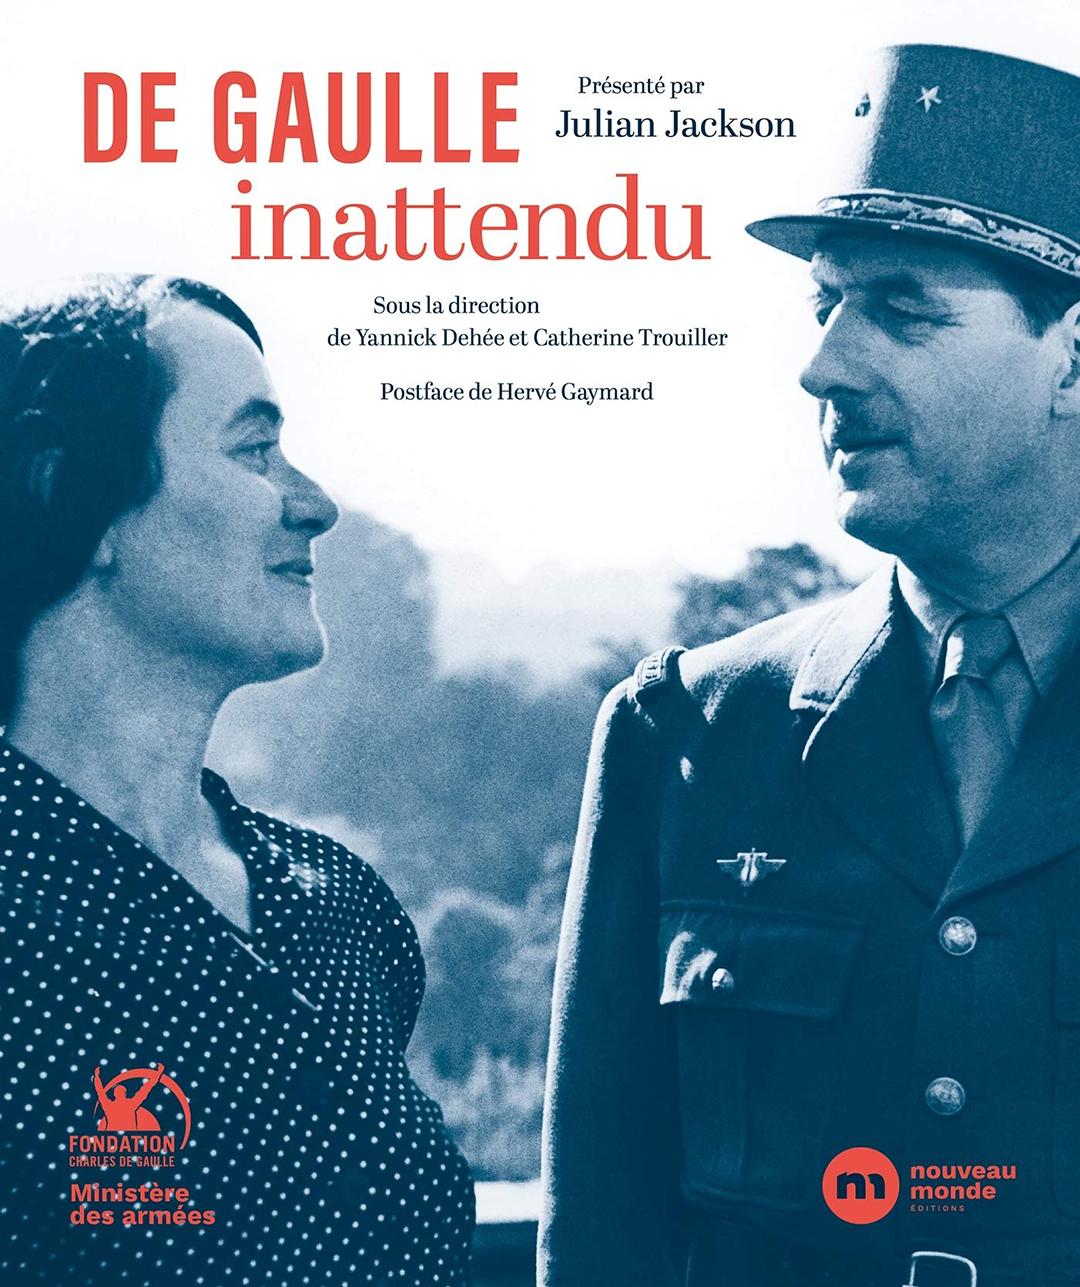 Couverture du livre « De Gaulle inattendu ».